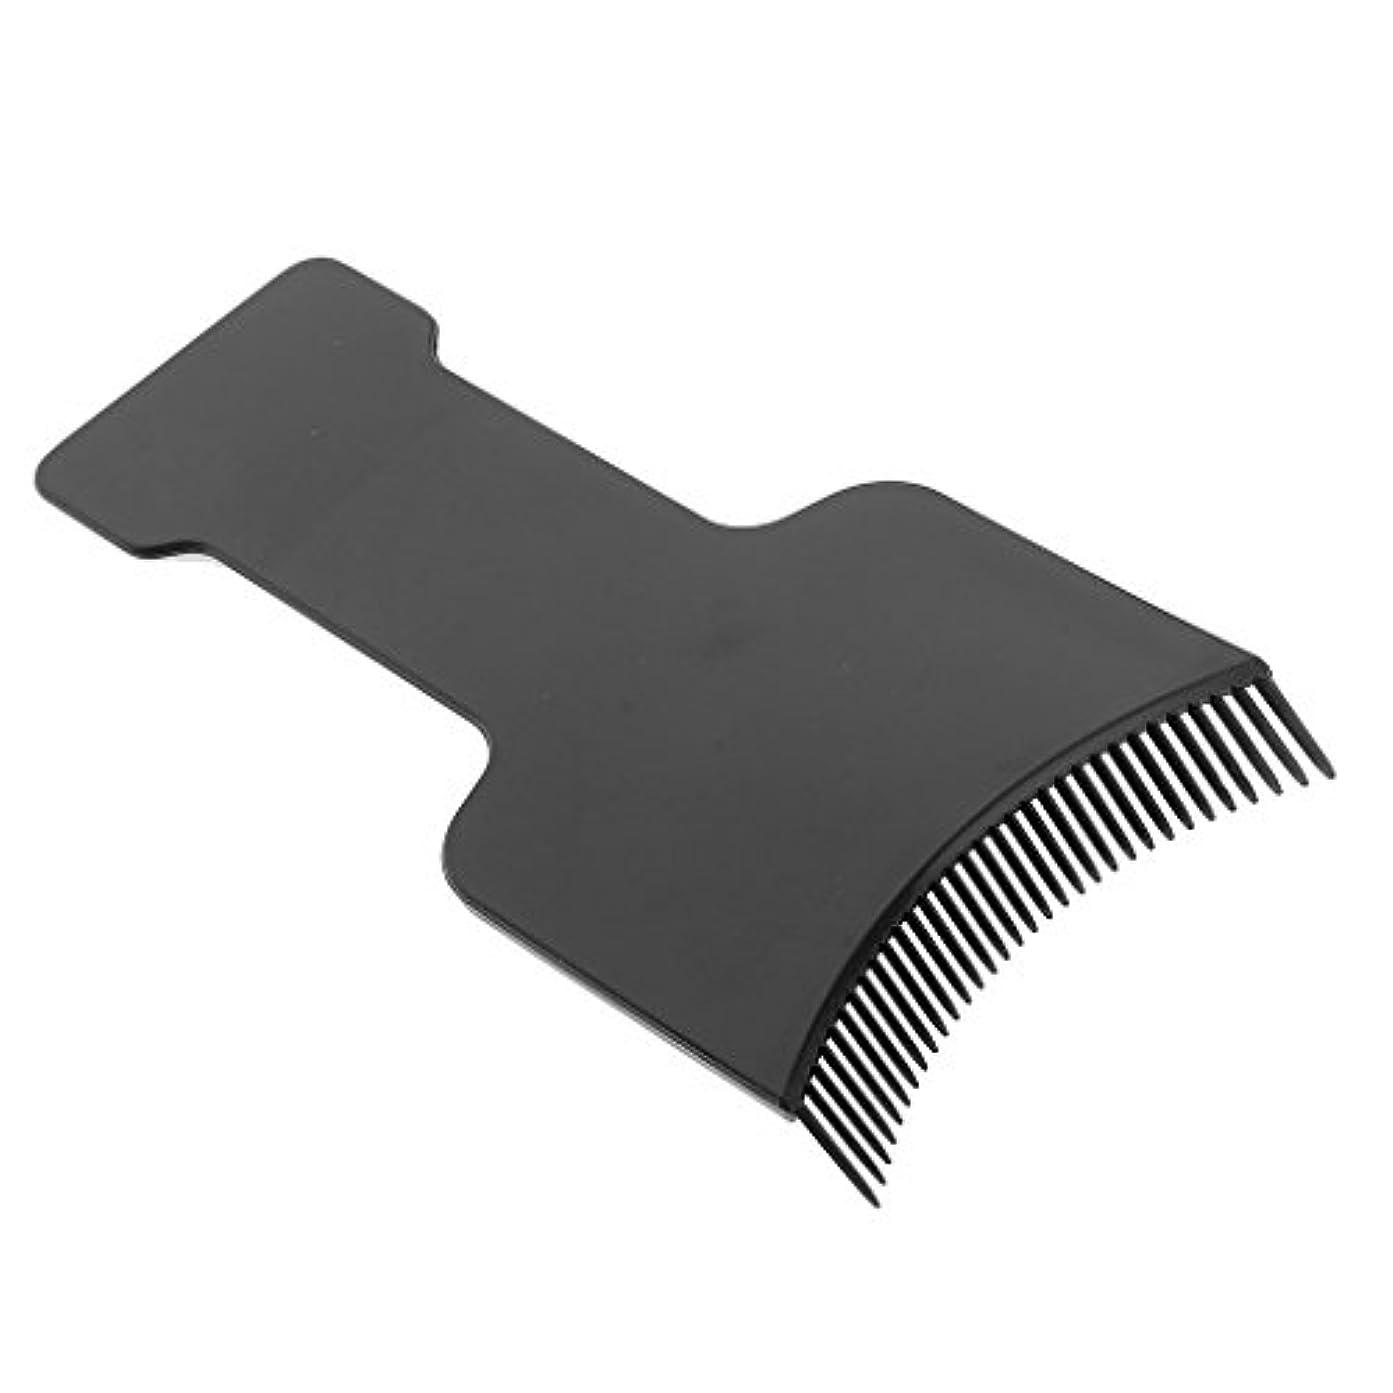 毎年組床ヘアカラー ボード 髪 染色 ツール ブラック 全4サイズ - S